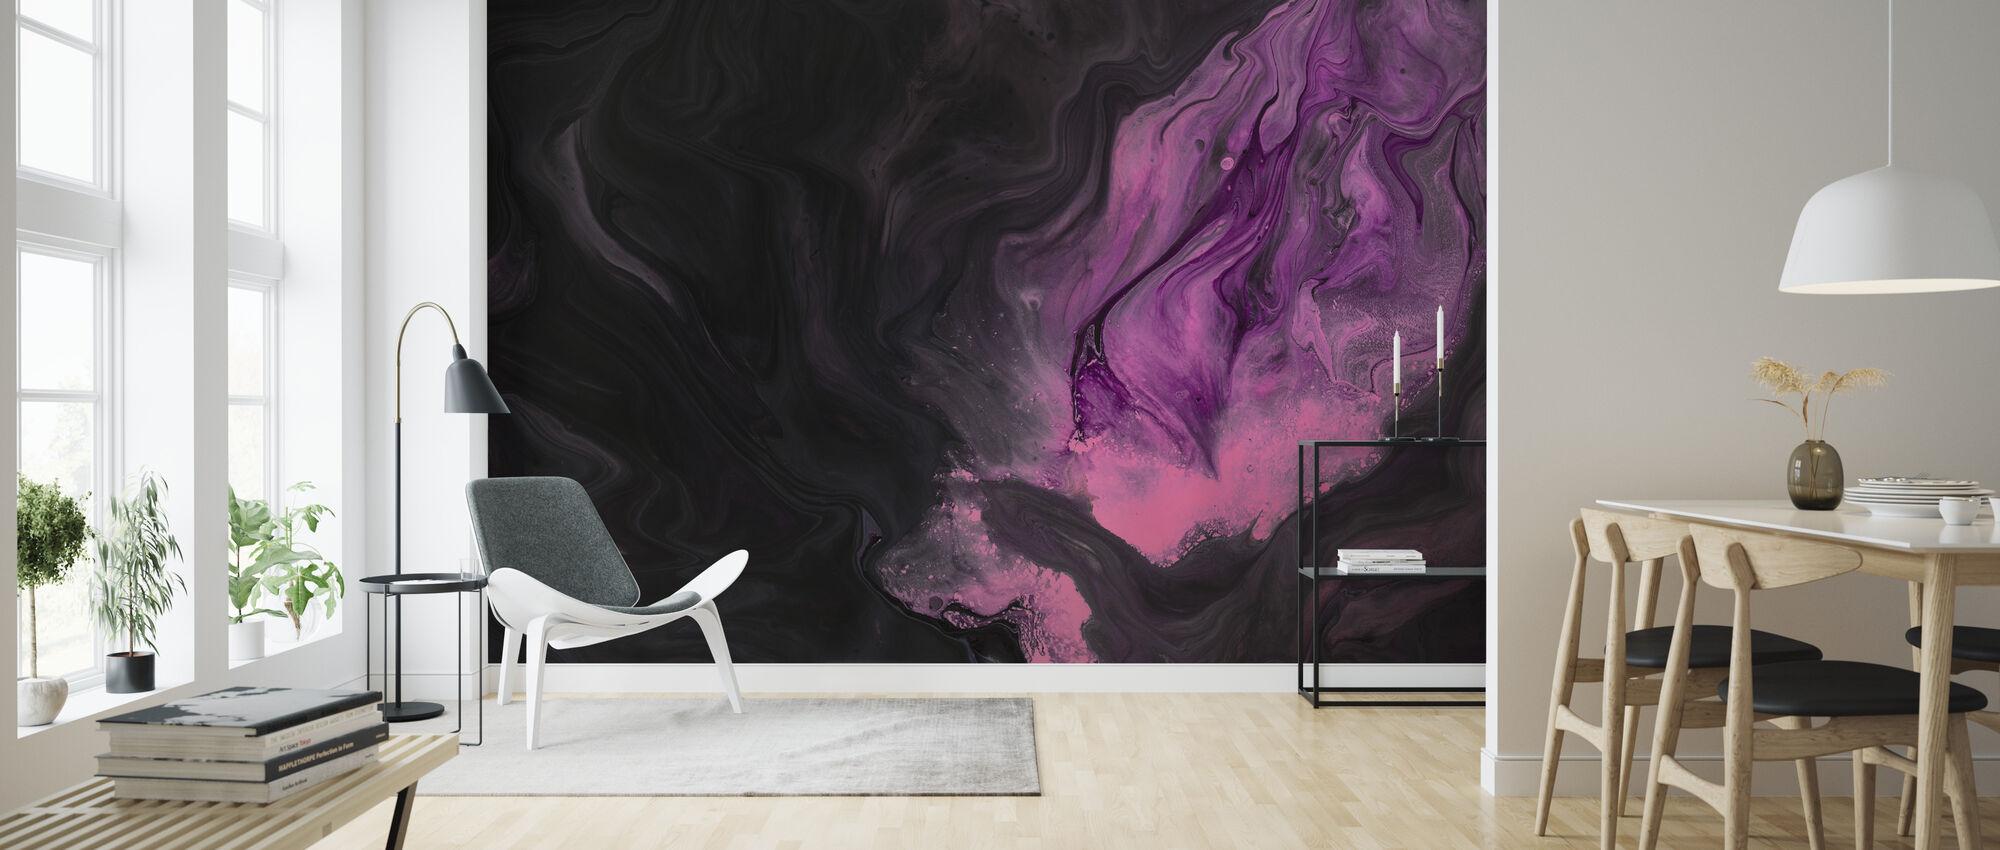 Galaxy Art - Wallpaper - Living Room